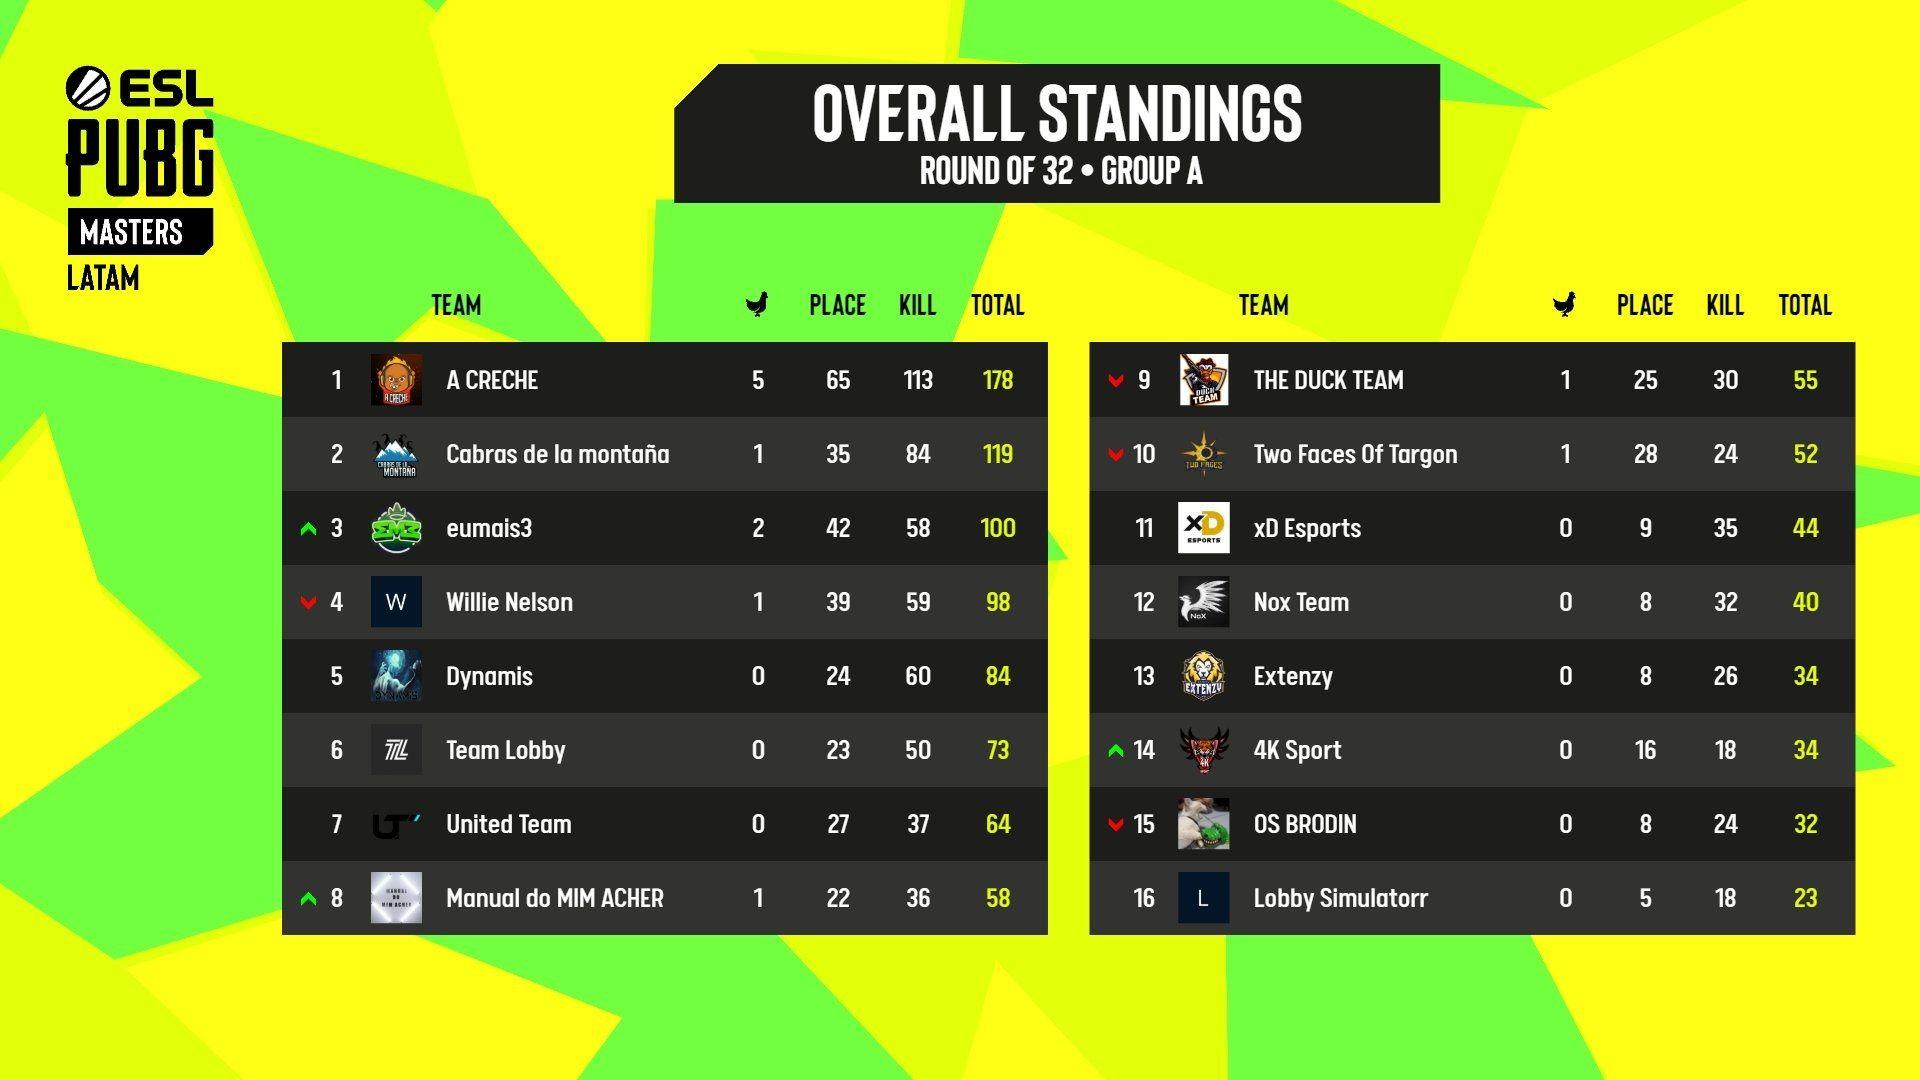 Tabela de classificação do Grupo A da Rodada 3 da ESL PUBG Masters